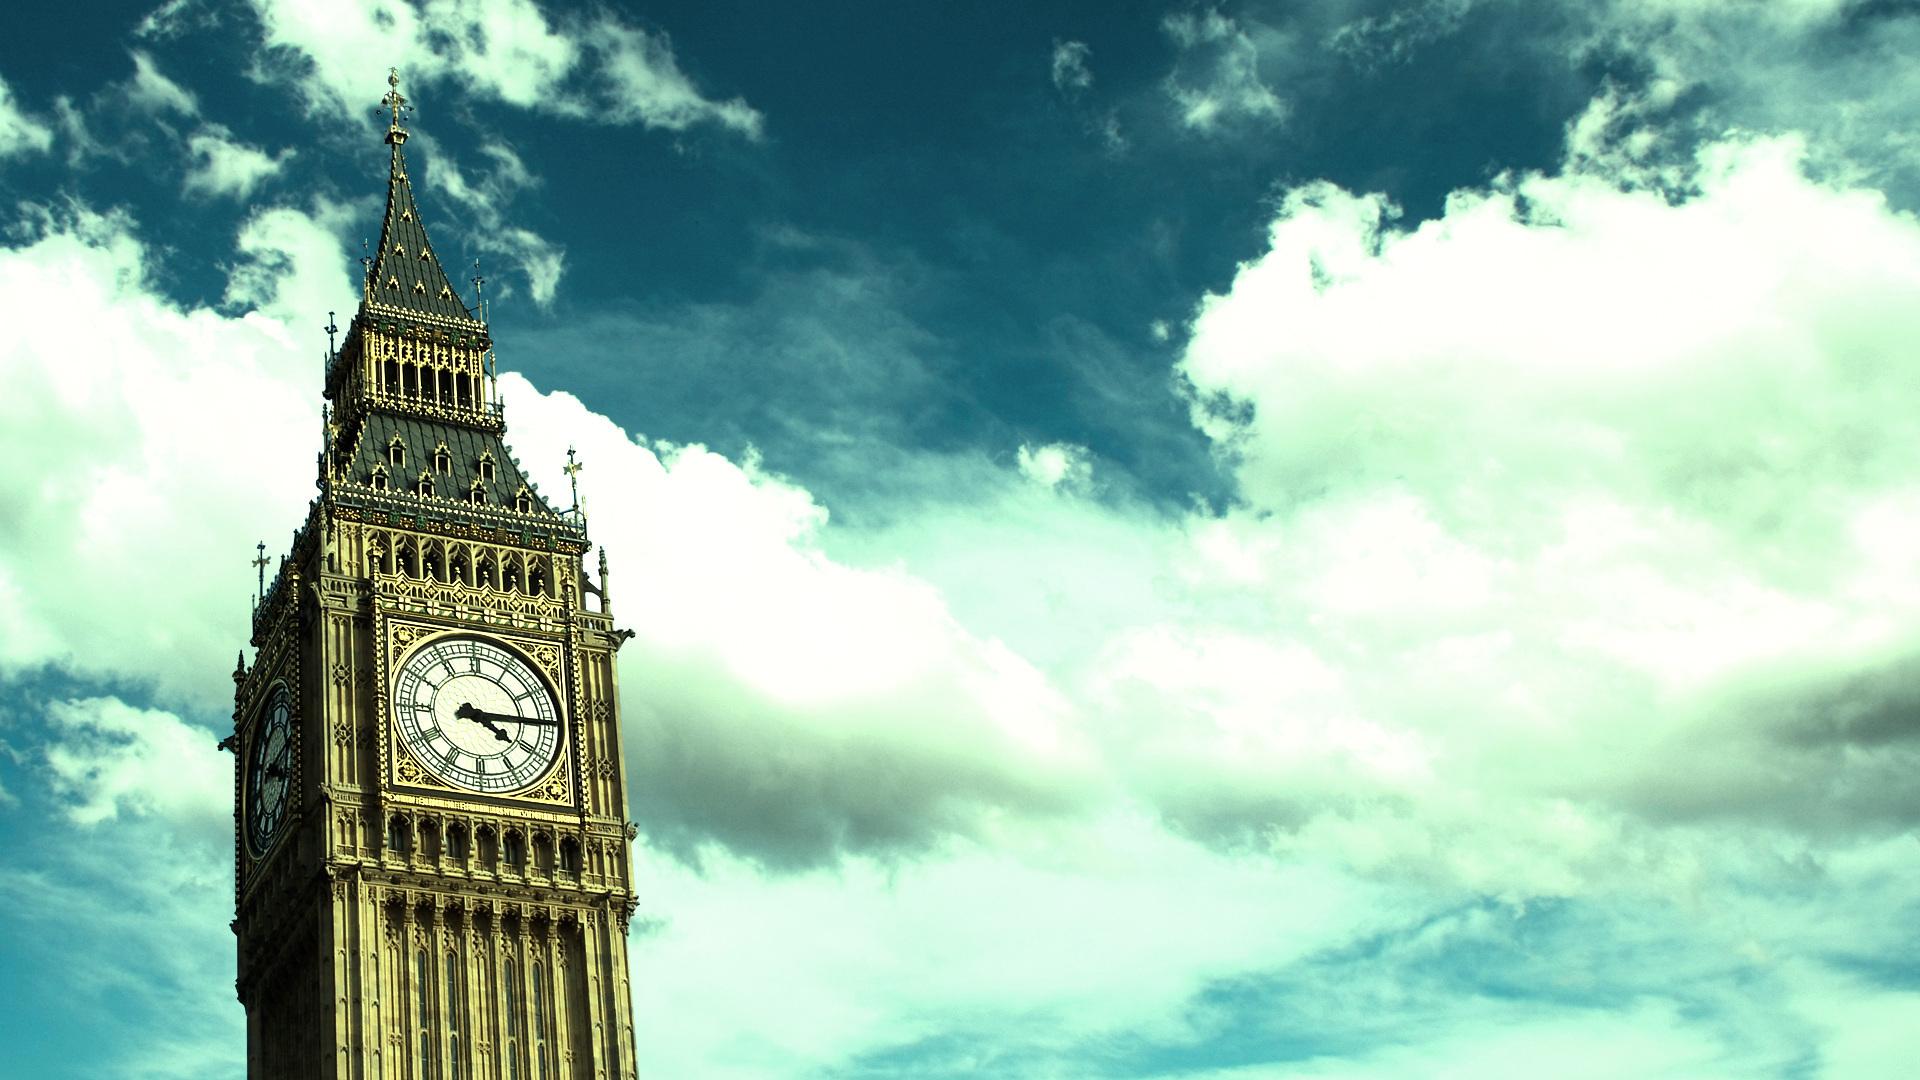 страны архитектура великобритания лондон загрузить